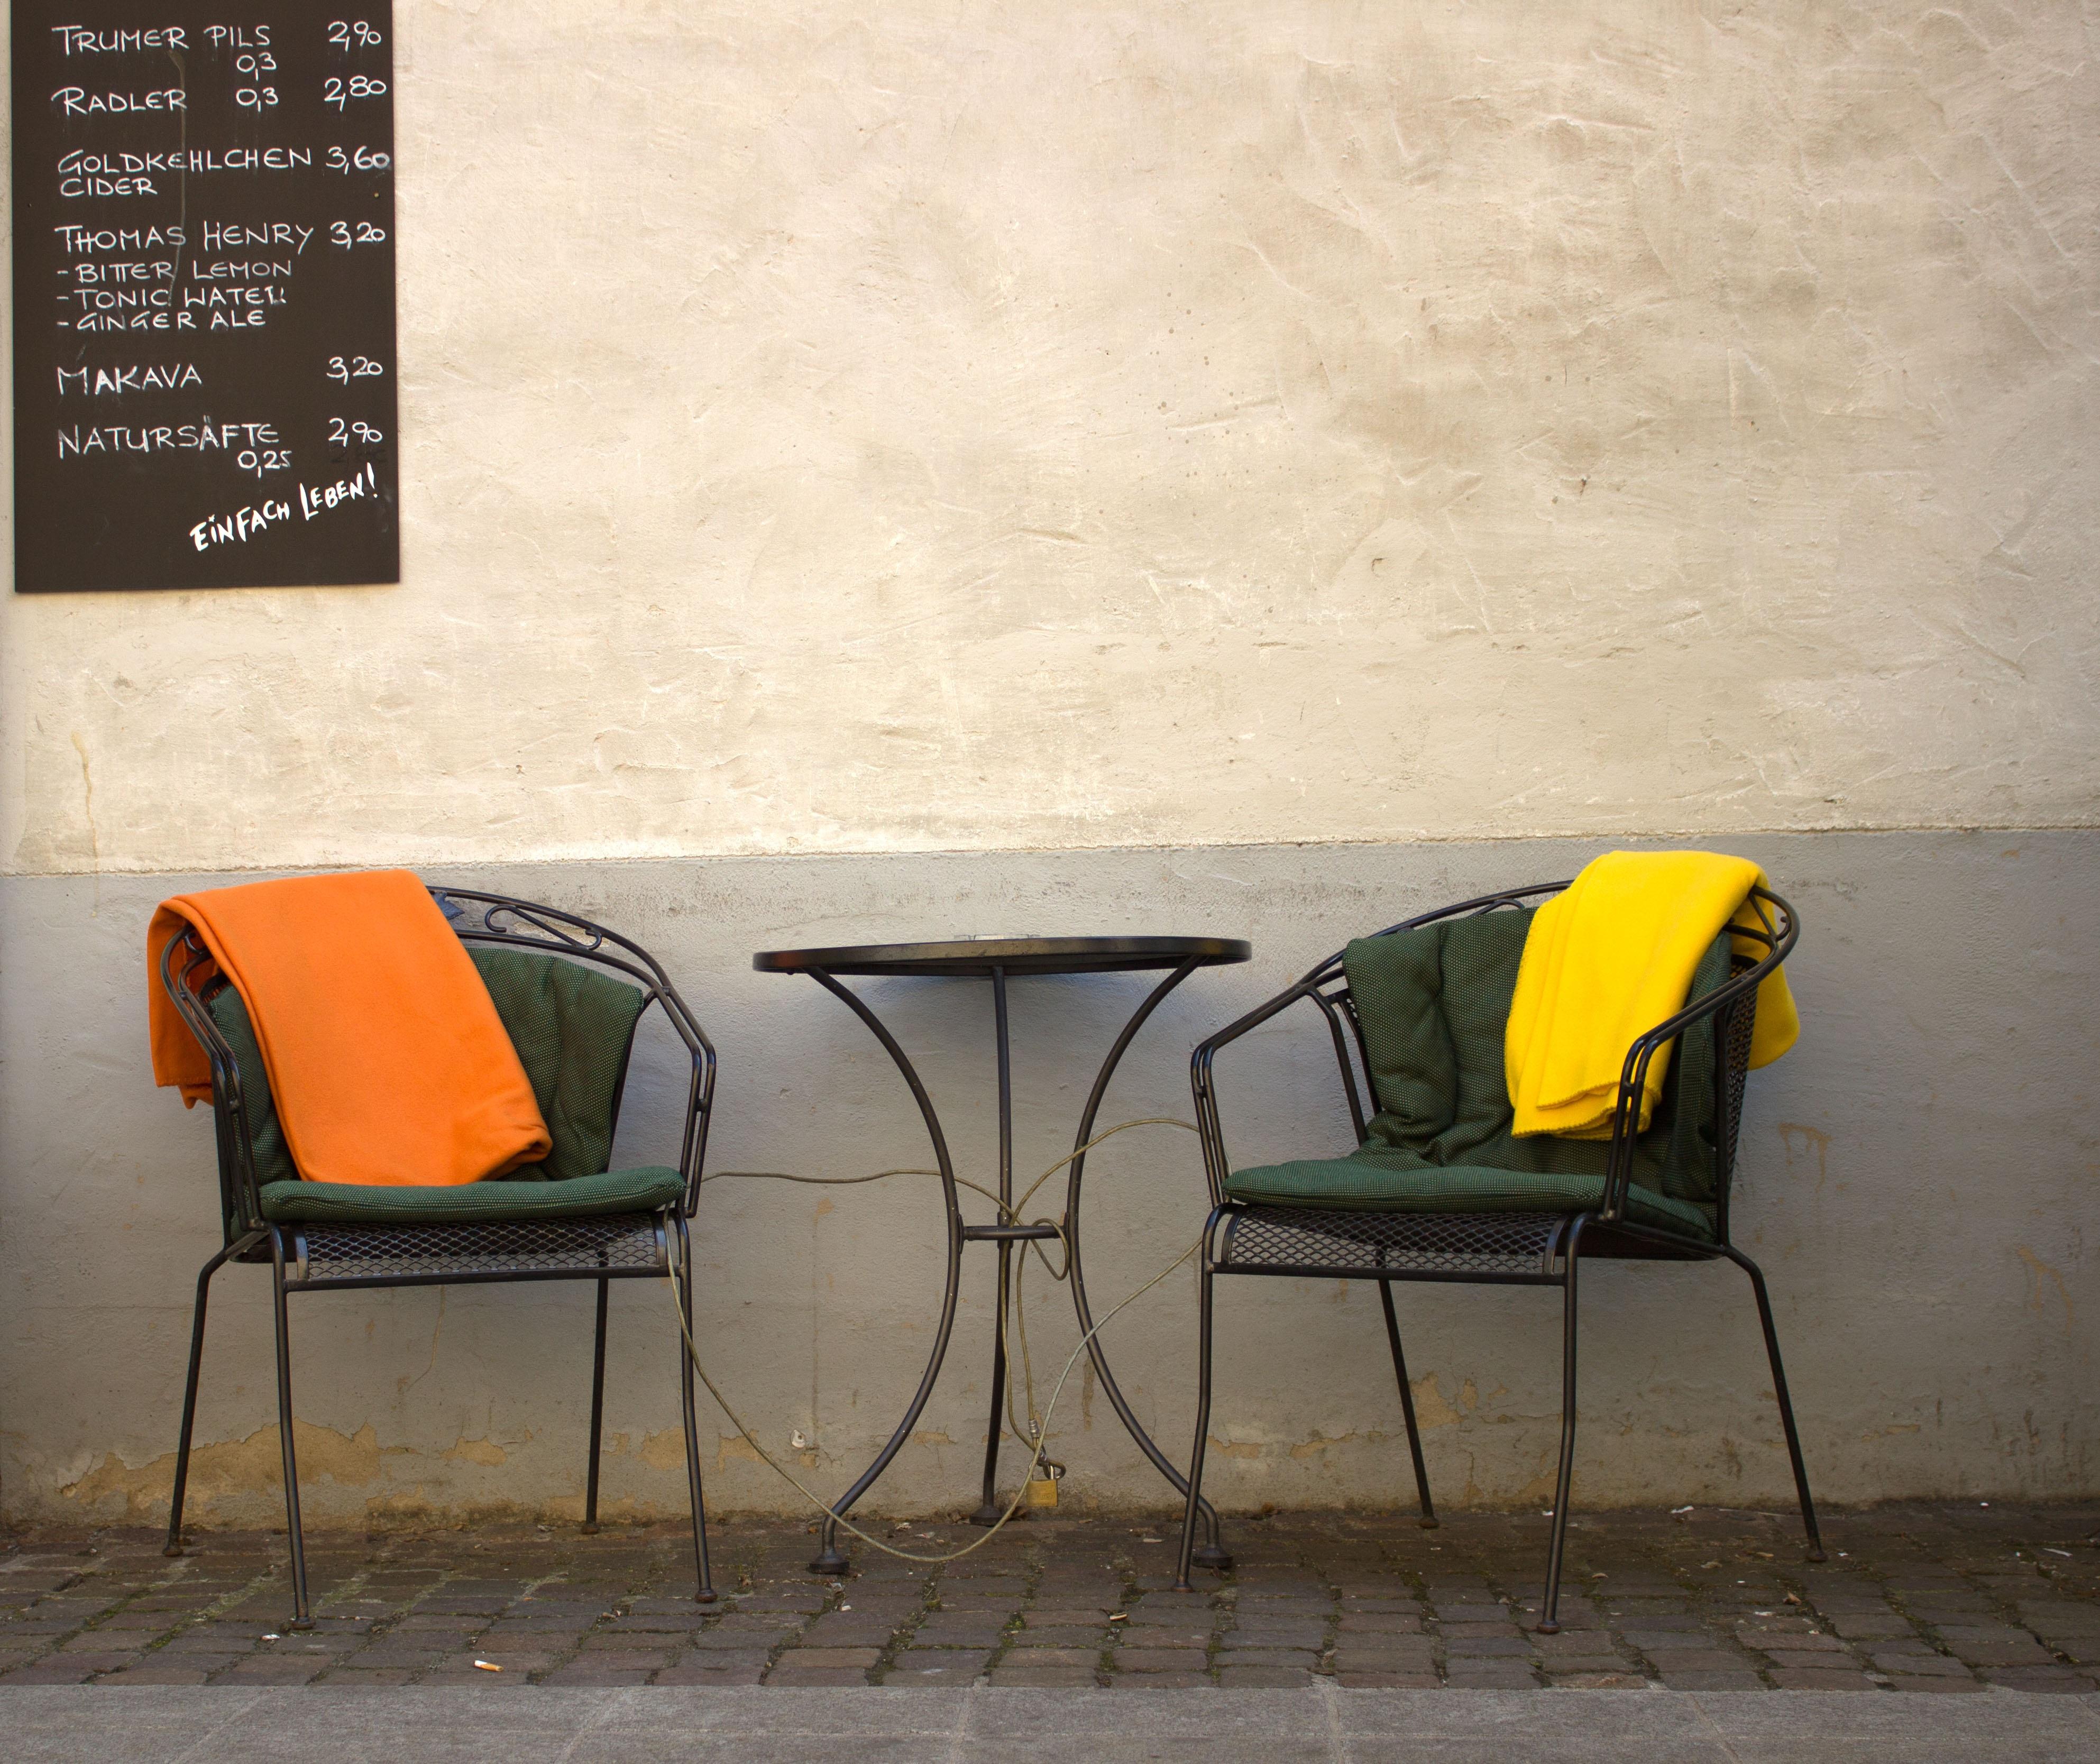 Gemütliche sessel design  Kostenlose foto : Tabelle, Sessel, Stock, Sitz, Stadt, Mauer, Platz ...